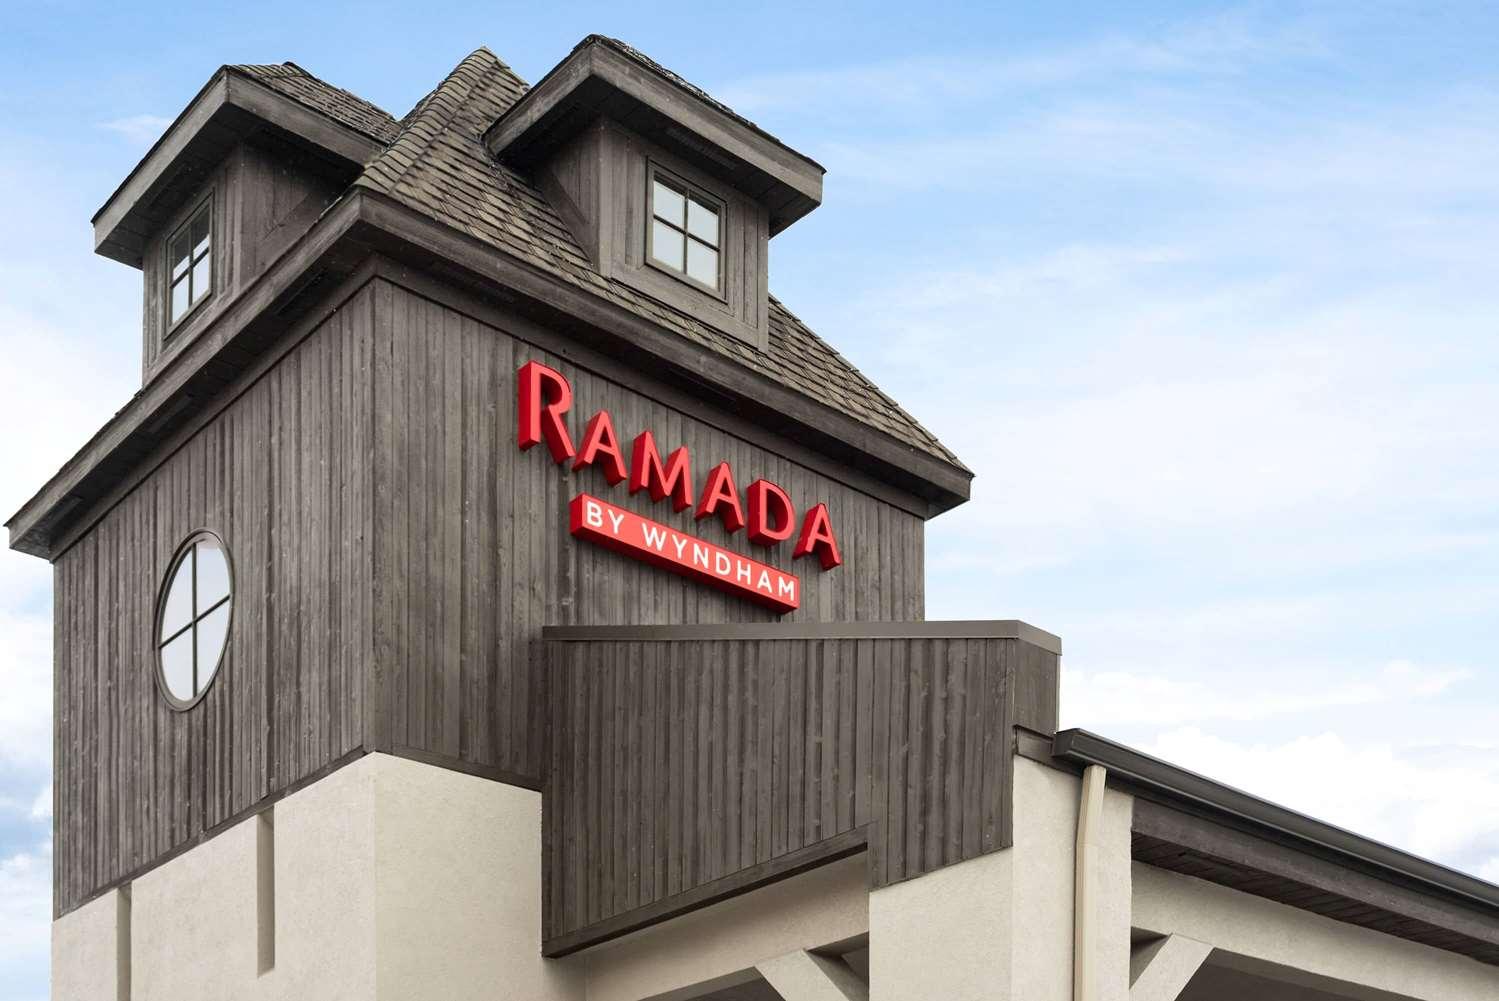 Ramada South Bend